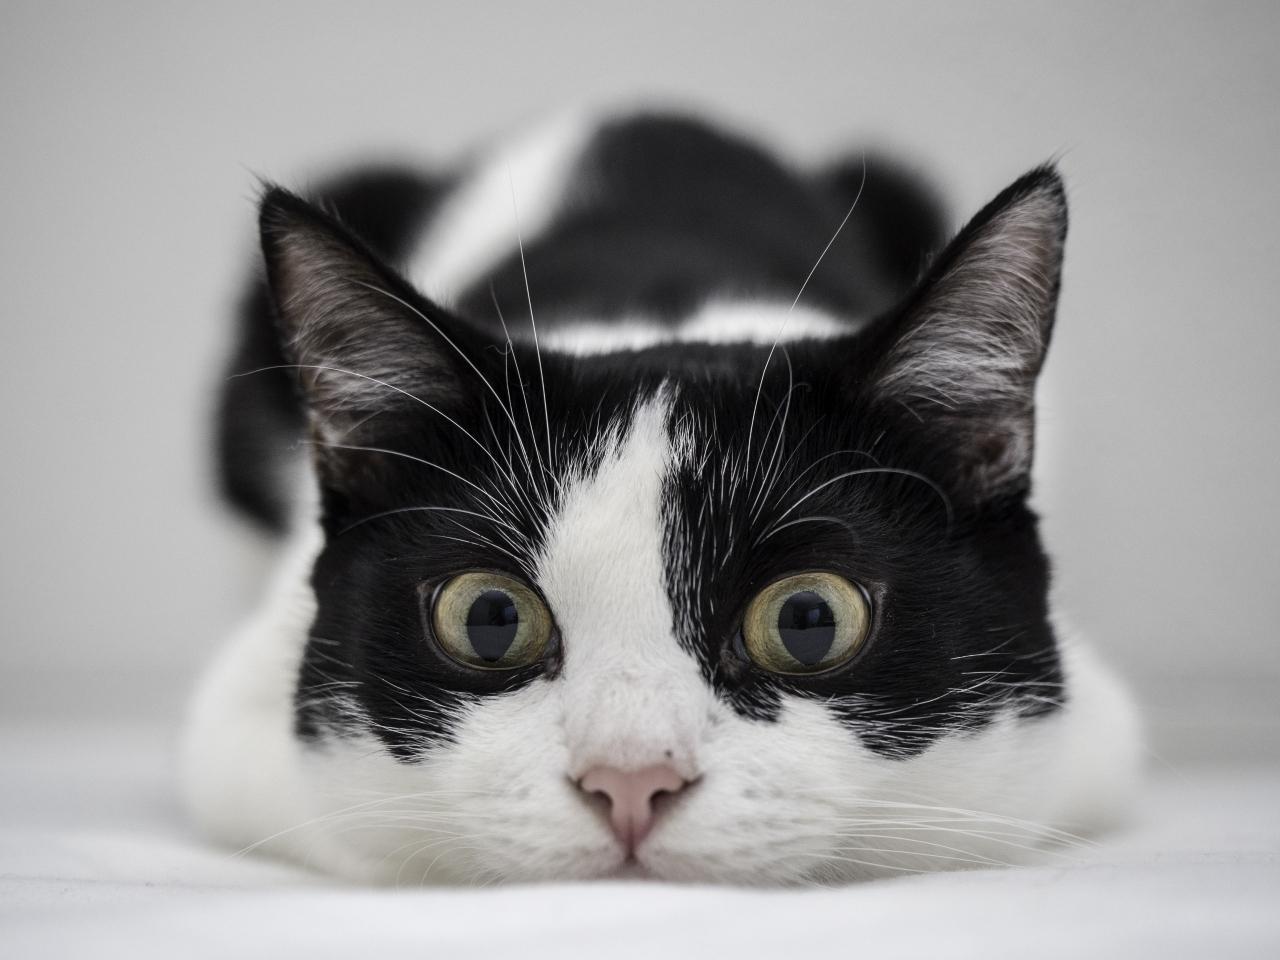 Un Gato Blanco Y Negro Hd 1280x960